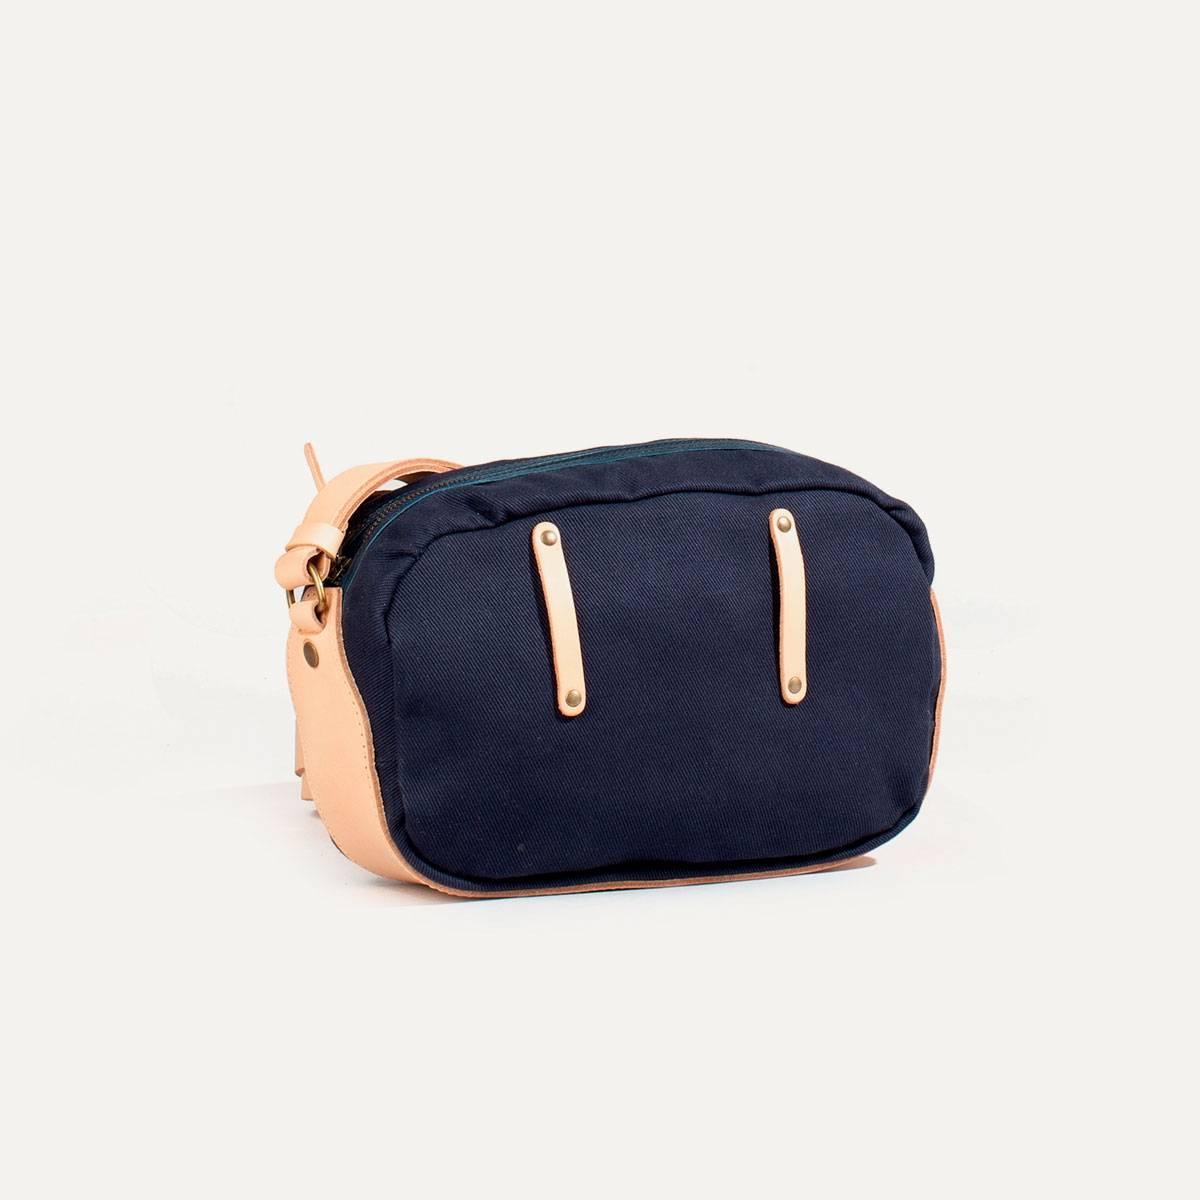 Honshu Belt bag - Navy blue/Natural (image n°4)